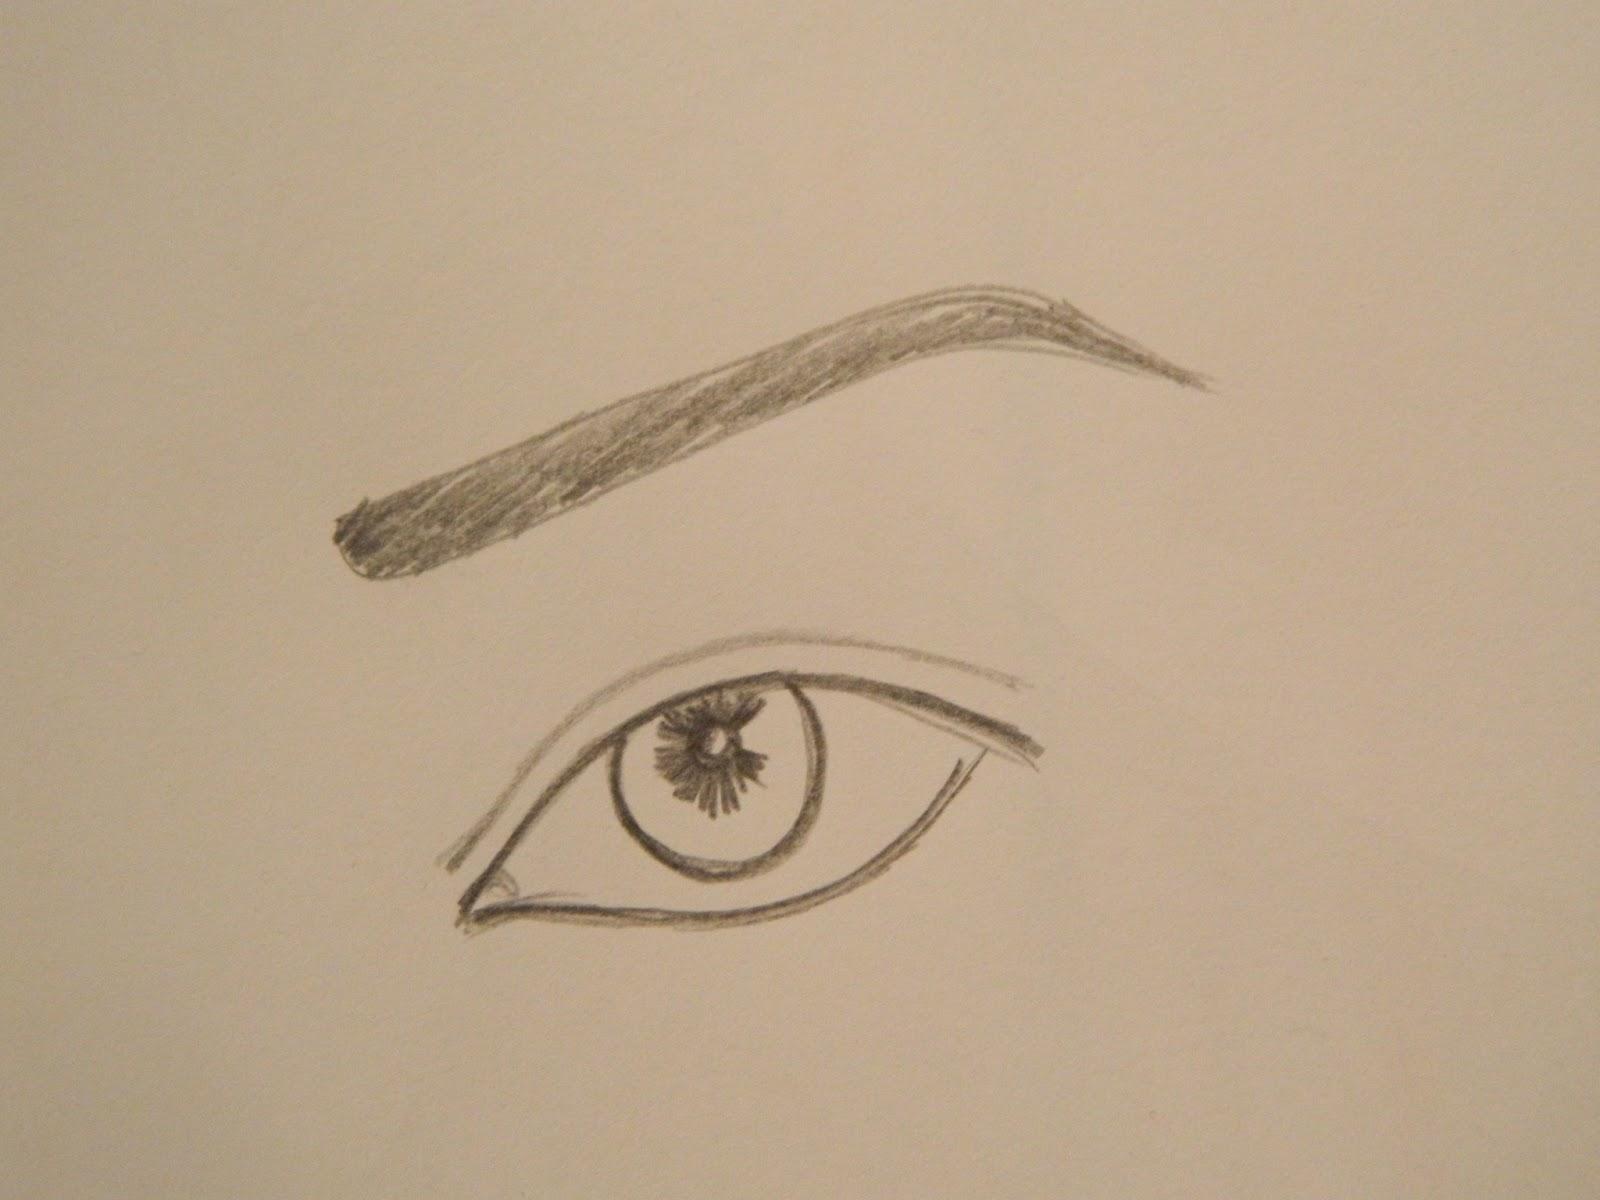 Contour Line Drawing Eye : Sketching 101: eyes haken's place